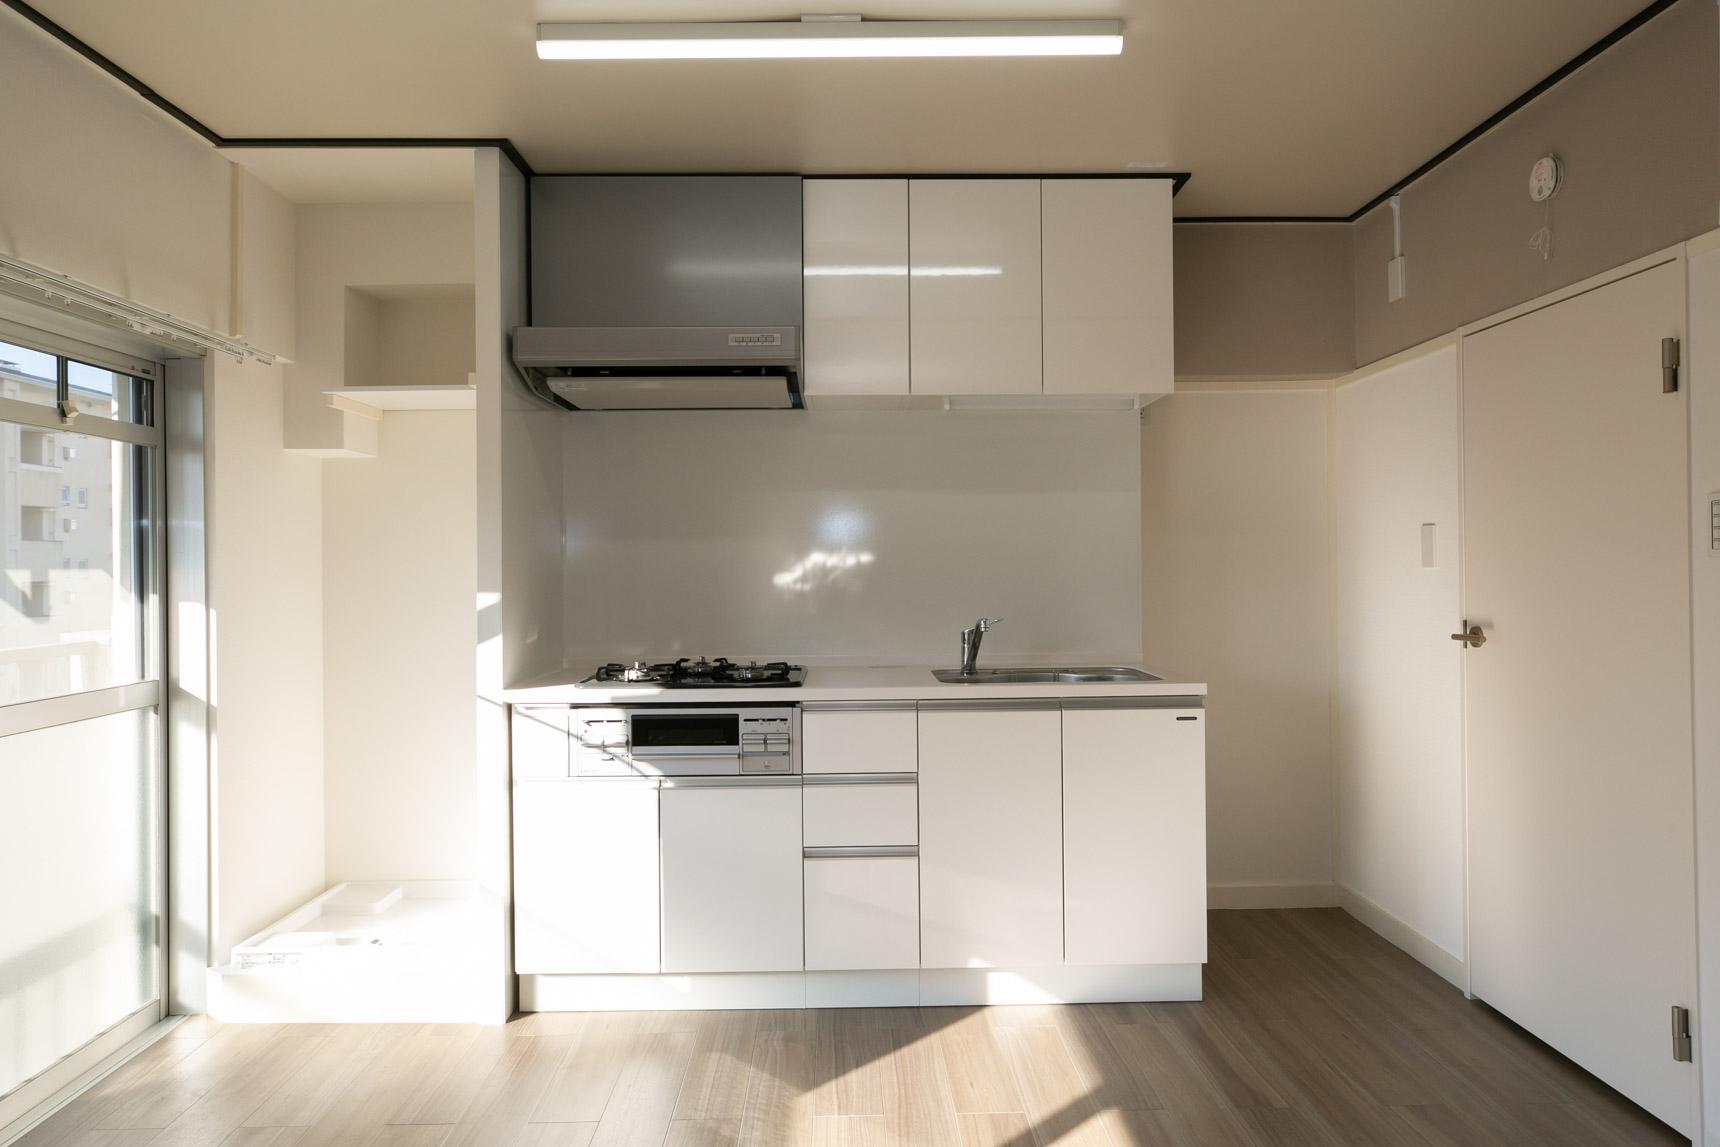 相生山団地のリノベルームでは、キッチンも新規交換済み。また、洗濯機置き場が今回から新たに設置されたことで、洗濯しながら料理もできます。洗濯物を干す際も、すぐ横がベランダですし、家事動線にとても配慮されているのが嬉しいですね。洗濯機上部の棚も洗剤置きなど重宝しそうです。